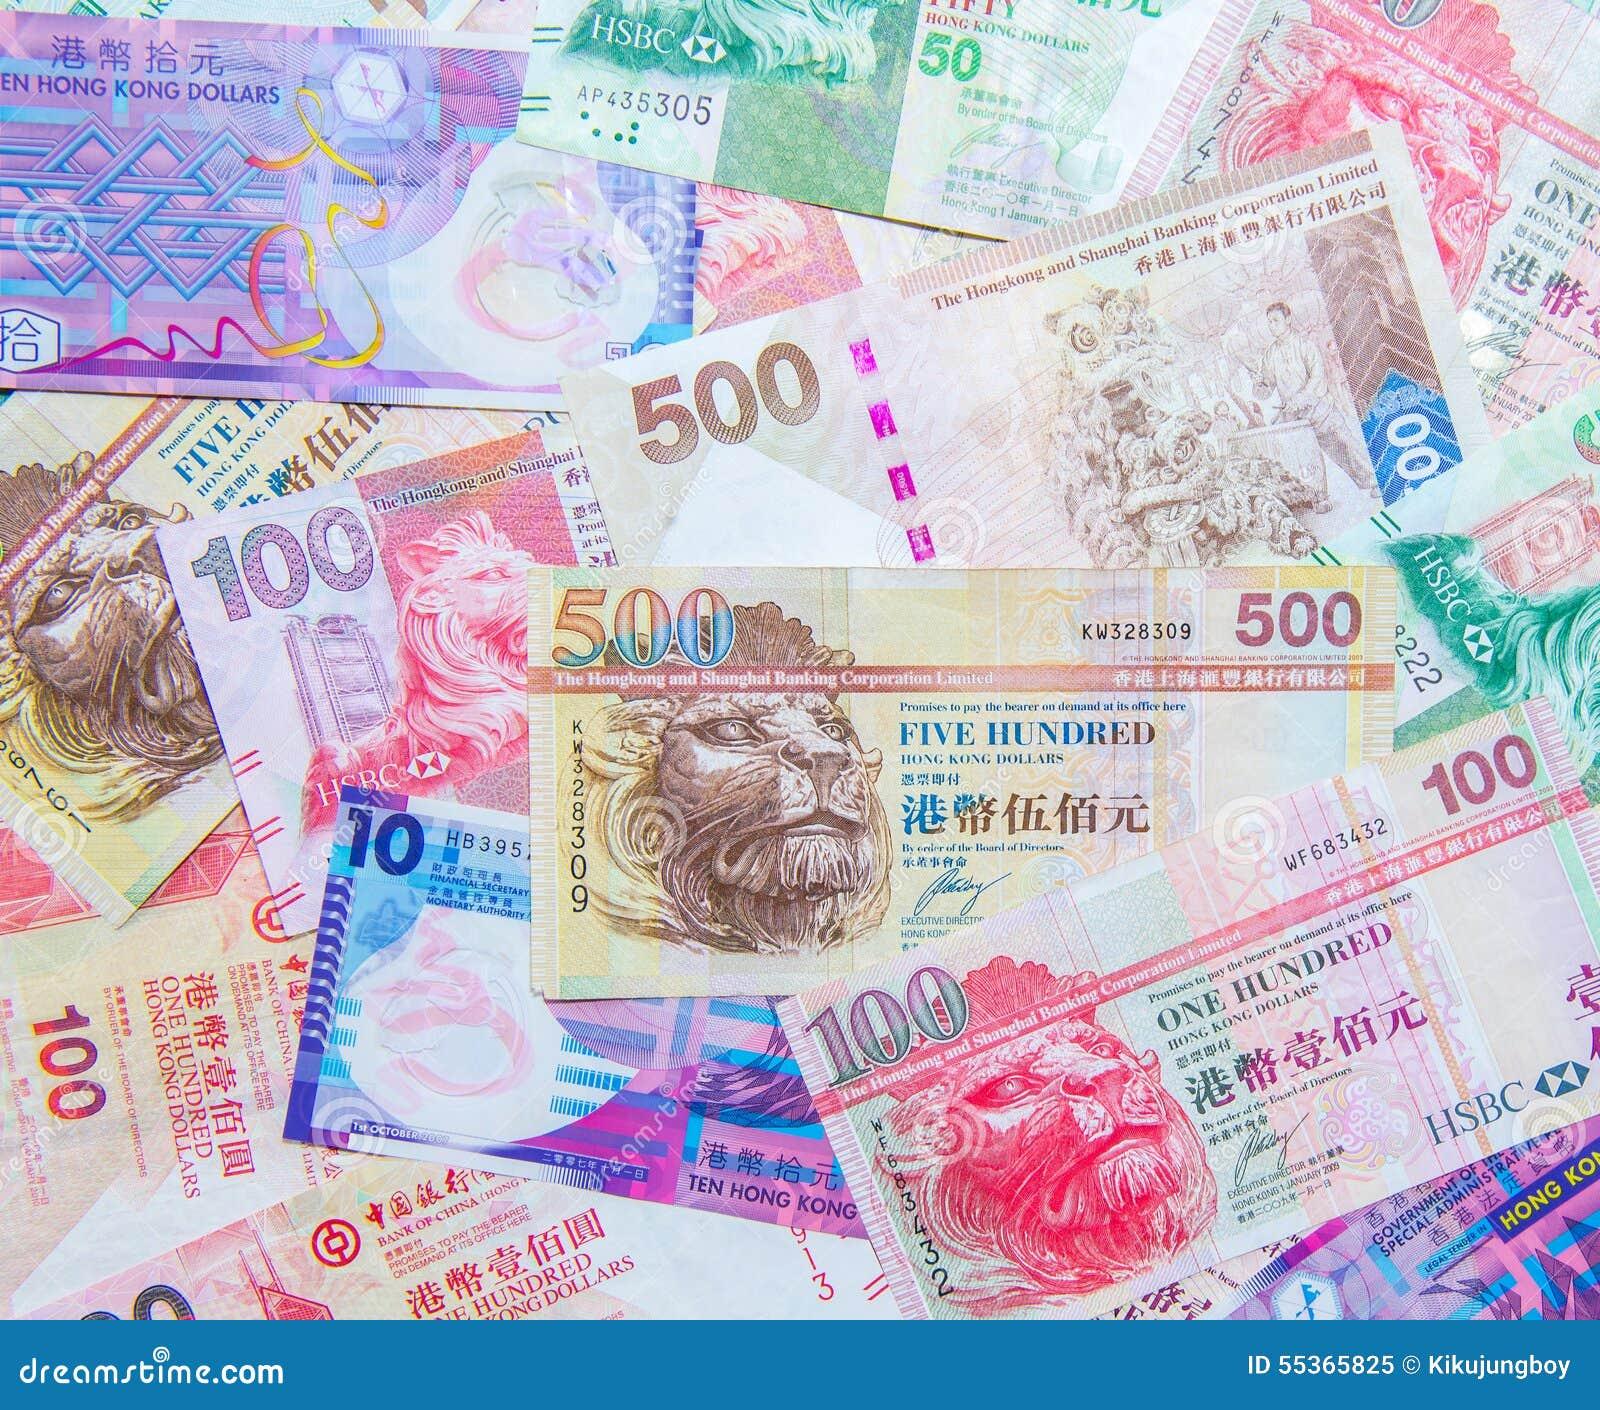 Valuta di Hong Kong Dollar